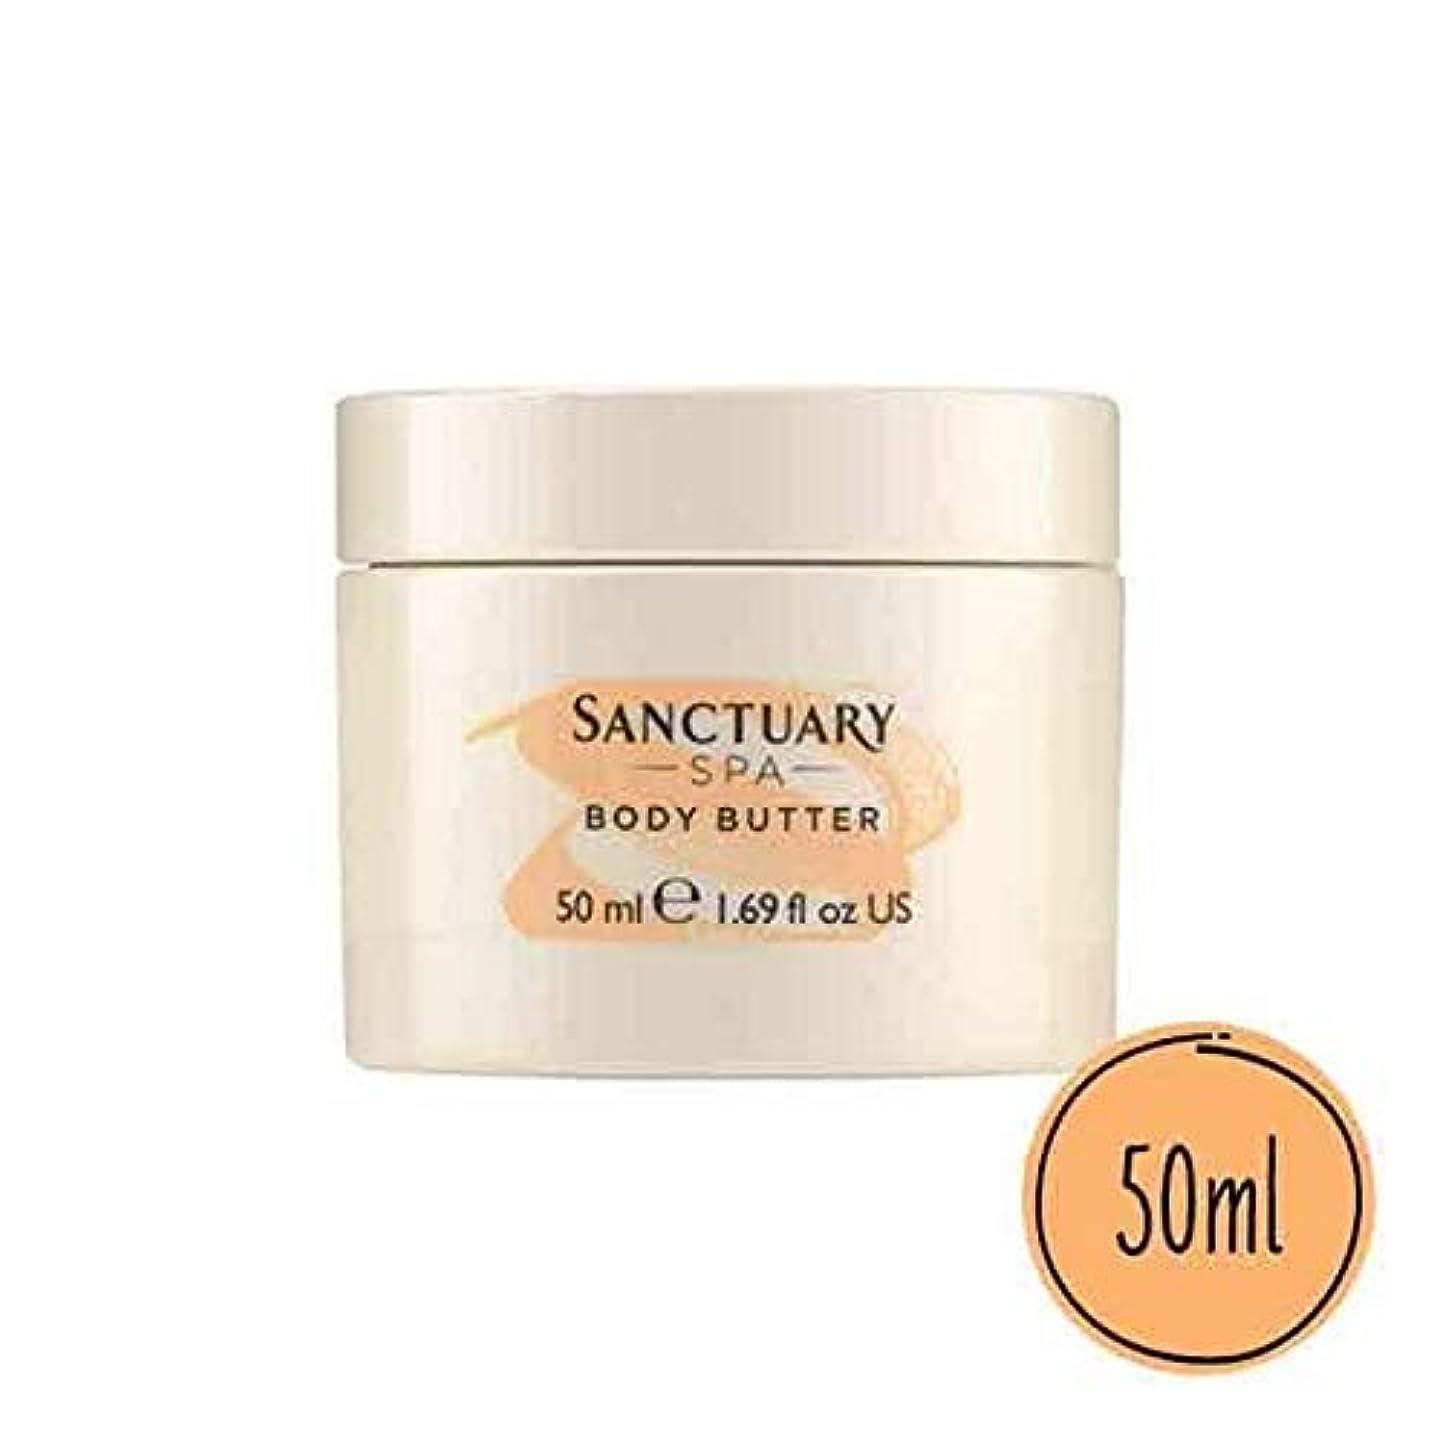 思春期顔料連鎖[Sanctuary Spa ] 聖域スパボディバター50ミリリットル - Sanctuary Spa Body Butter 50ml [並行輸入品]